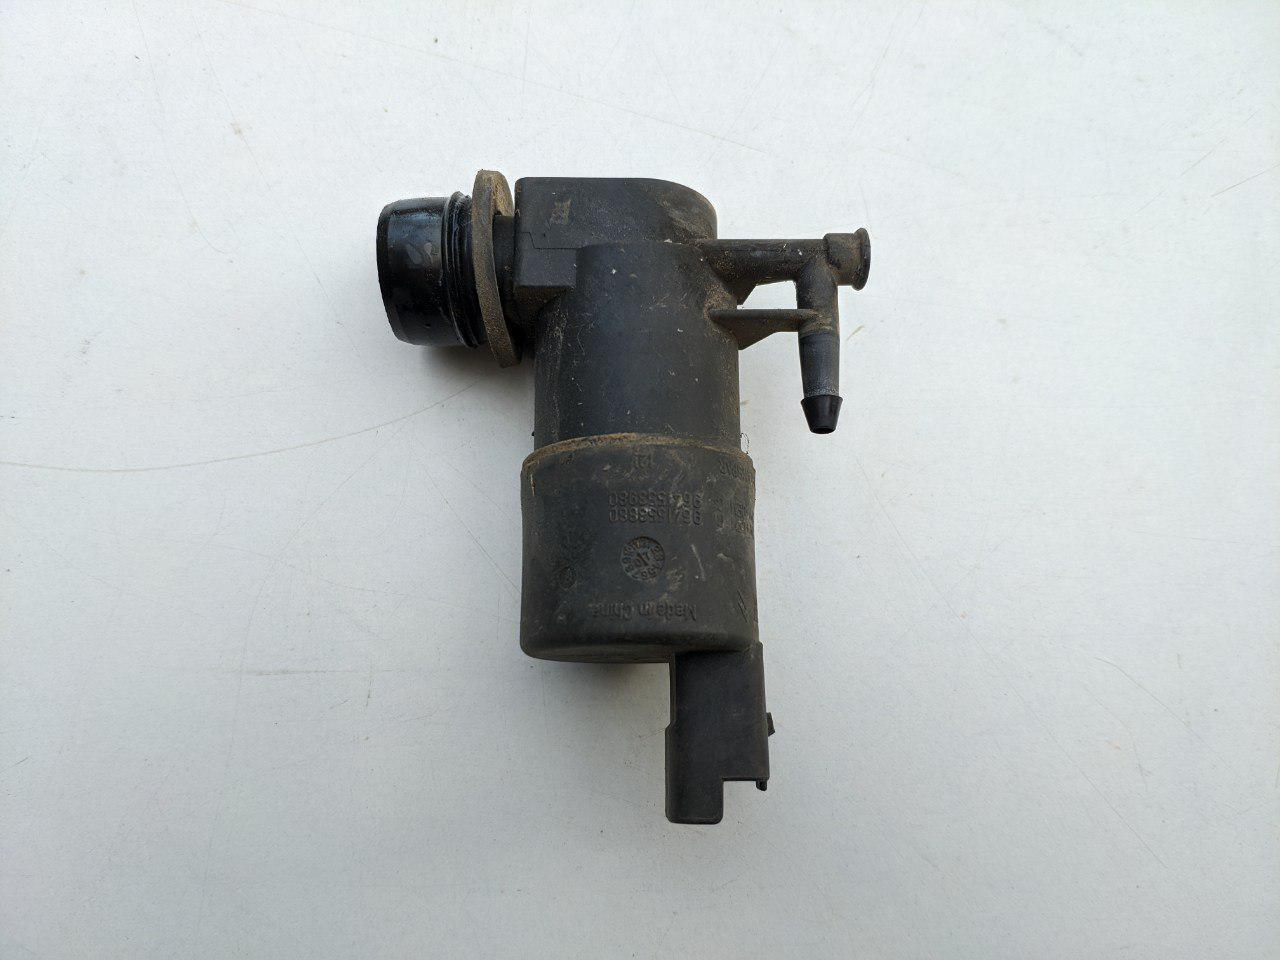 Моторчик бачка стеклоомывателя (1 выход) Renault Master, Opel Movano 2003-2010, 8200194414 (Б/У)